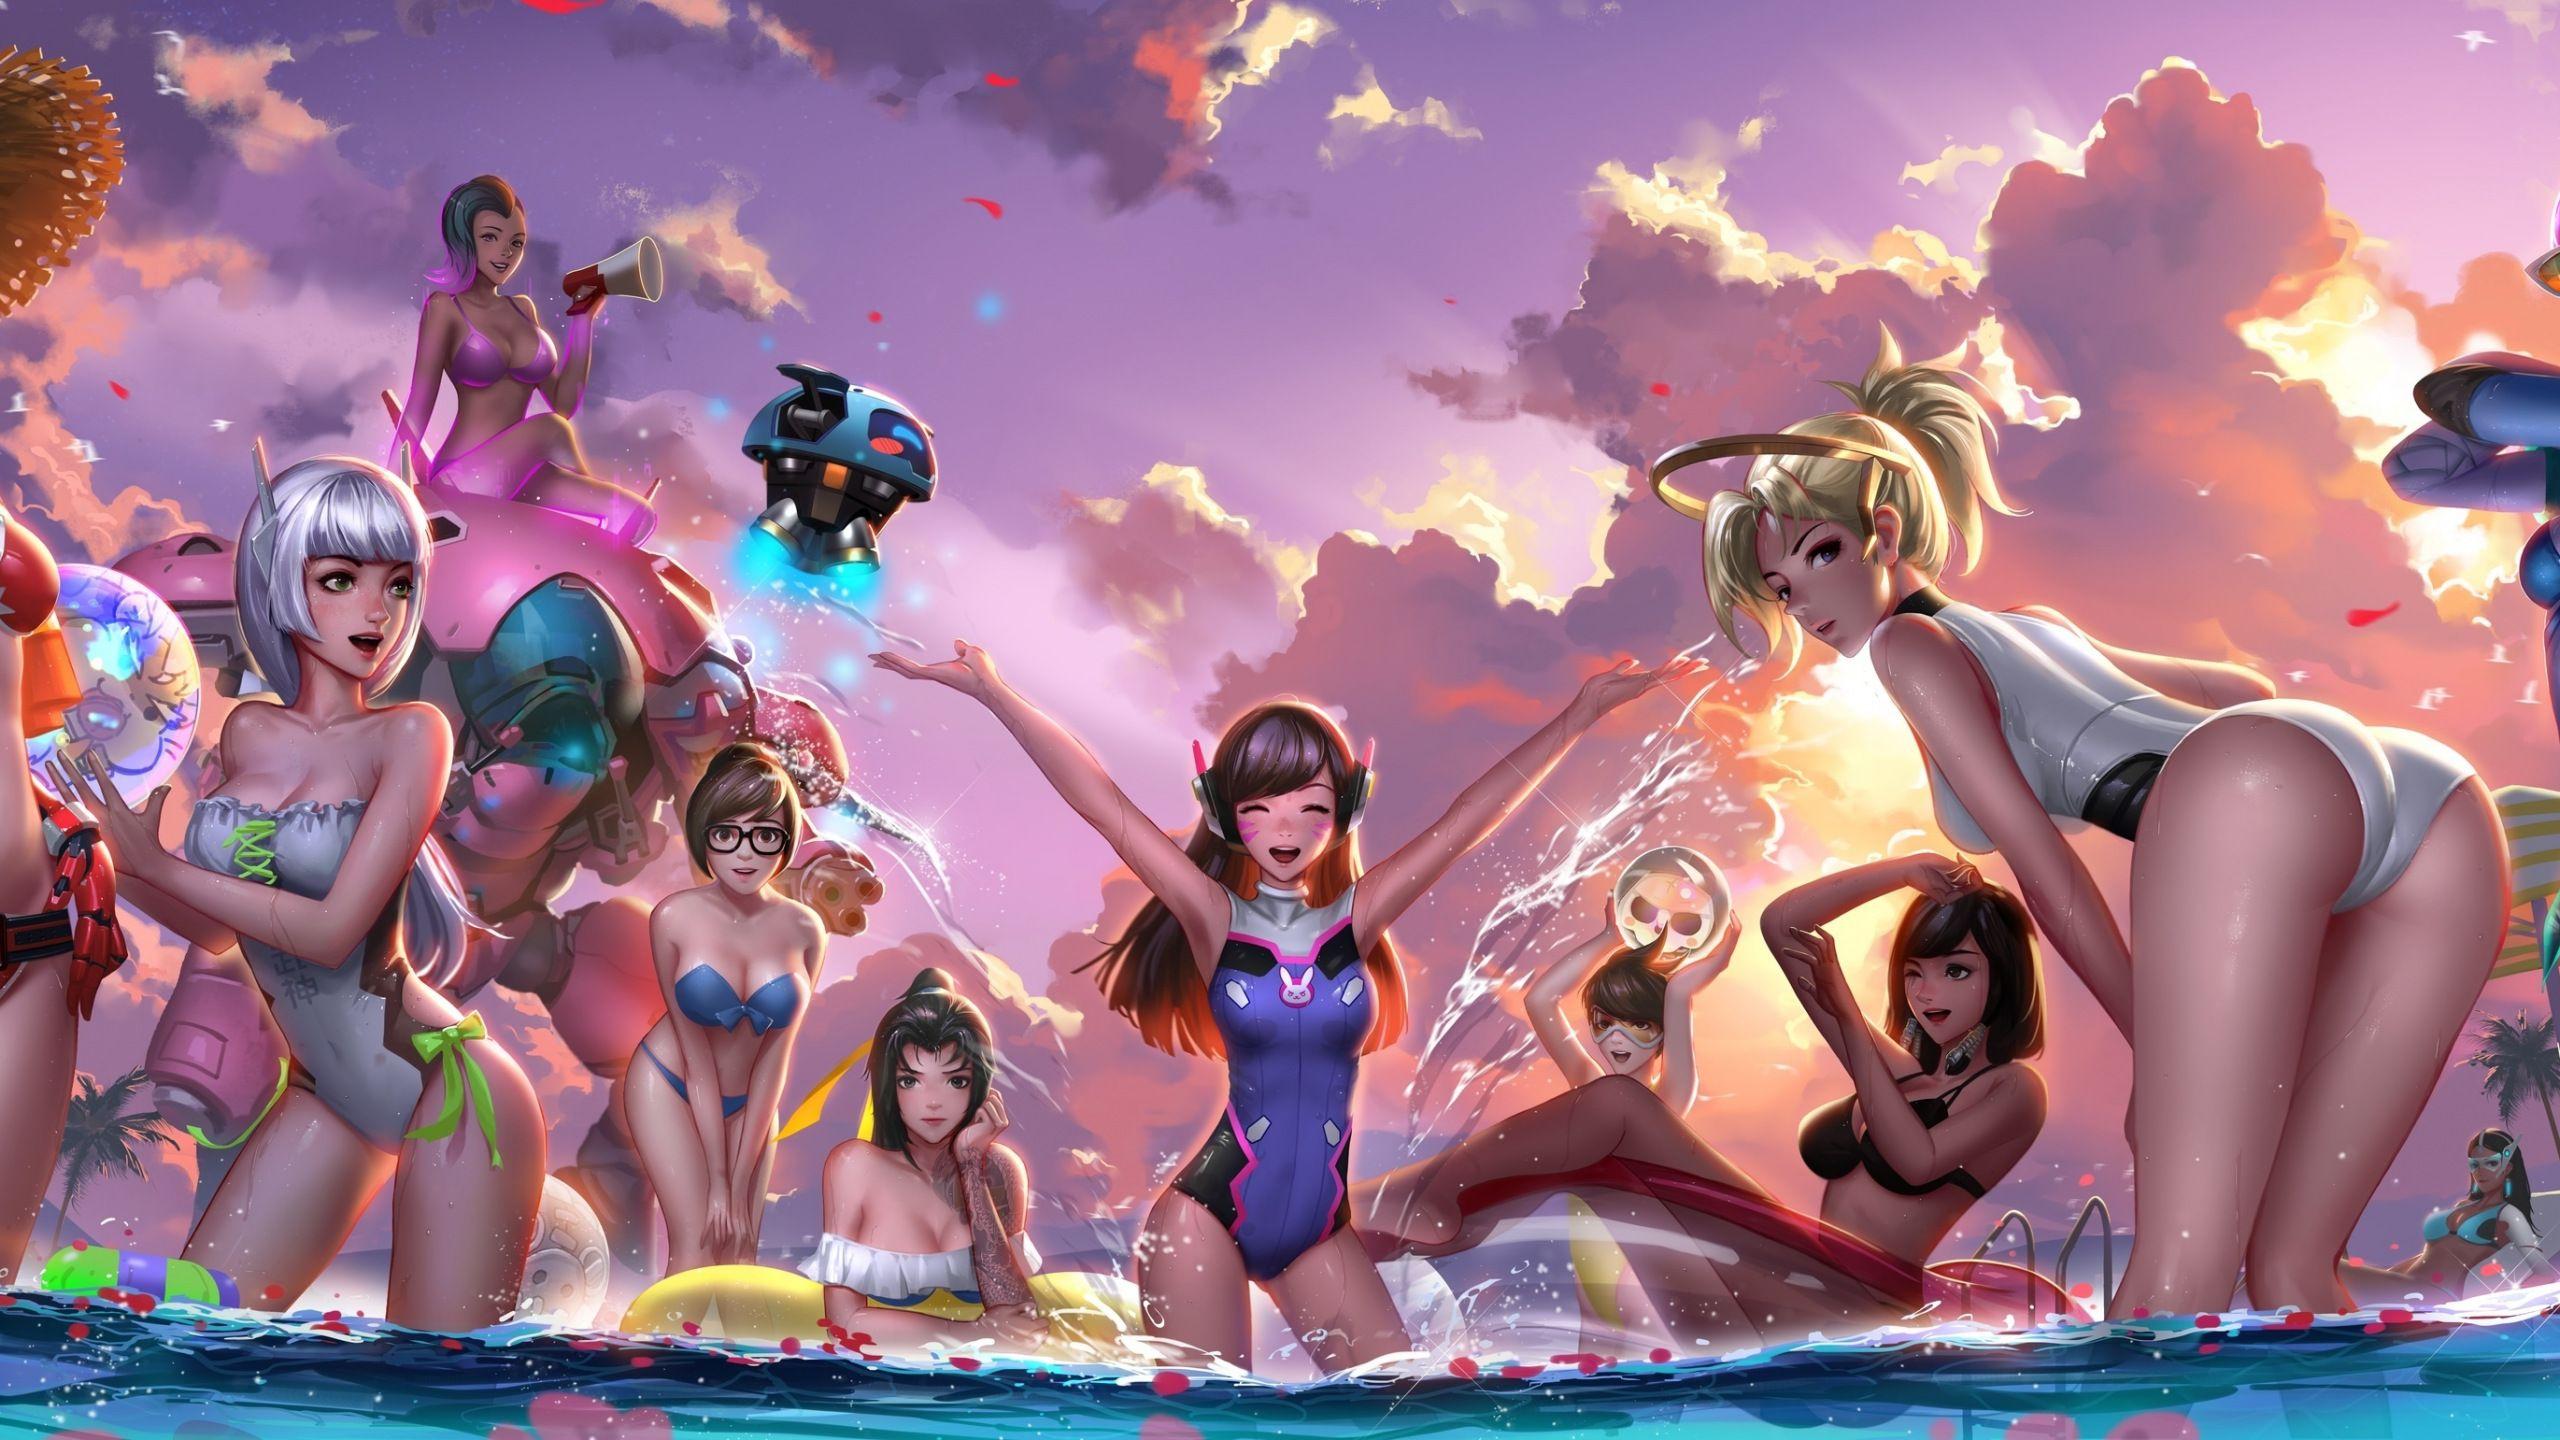 Overwatch Dual Screen Wallpaper: Download 2560x1440 Wallpaper Overwatch, Girls, D.VA, Mercy